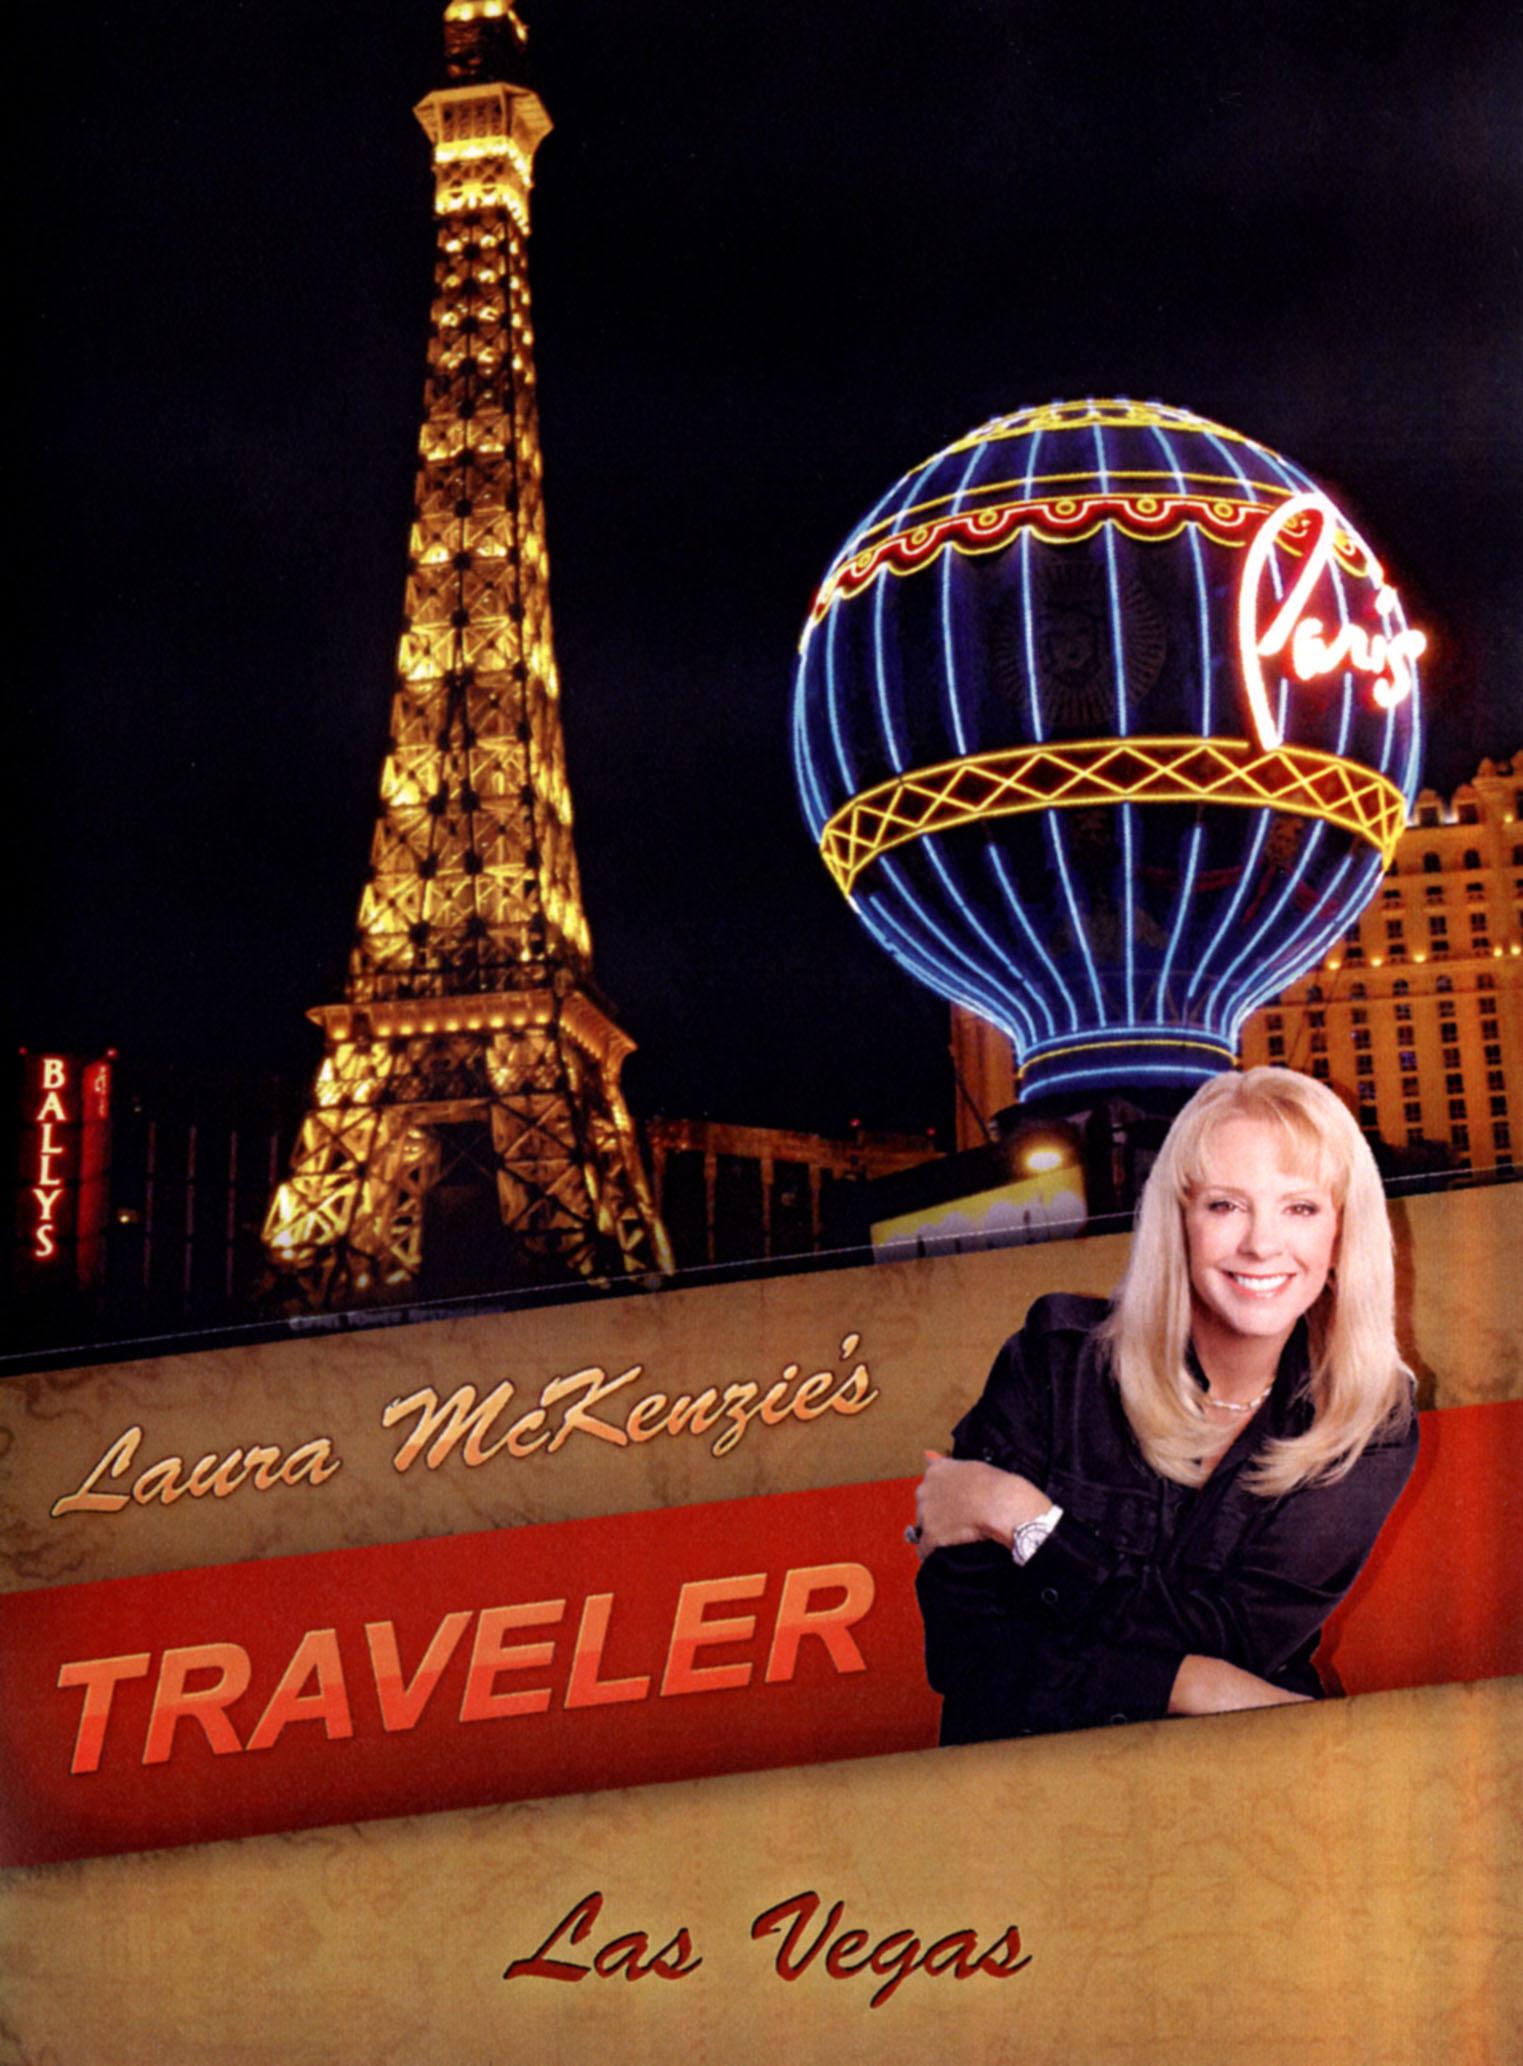 Laura McKenzie's Traveler: Las Vegas